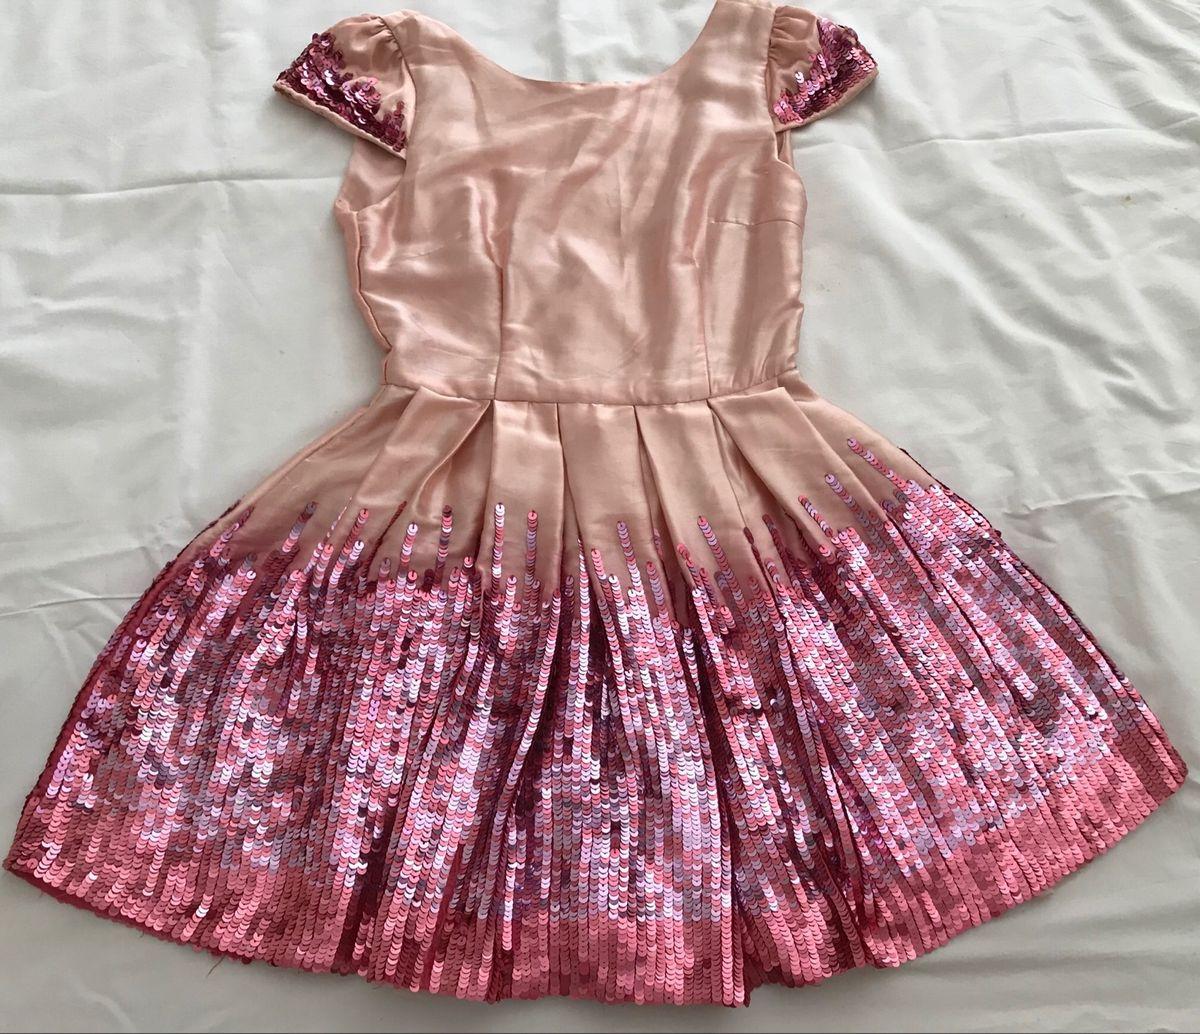 b2fd46e0e Vestido de Festa Rosa Paetês Menina 10 Anos   Roupa Infantil para ...